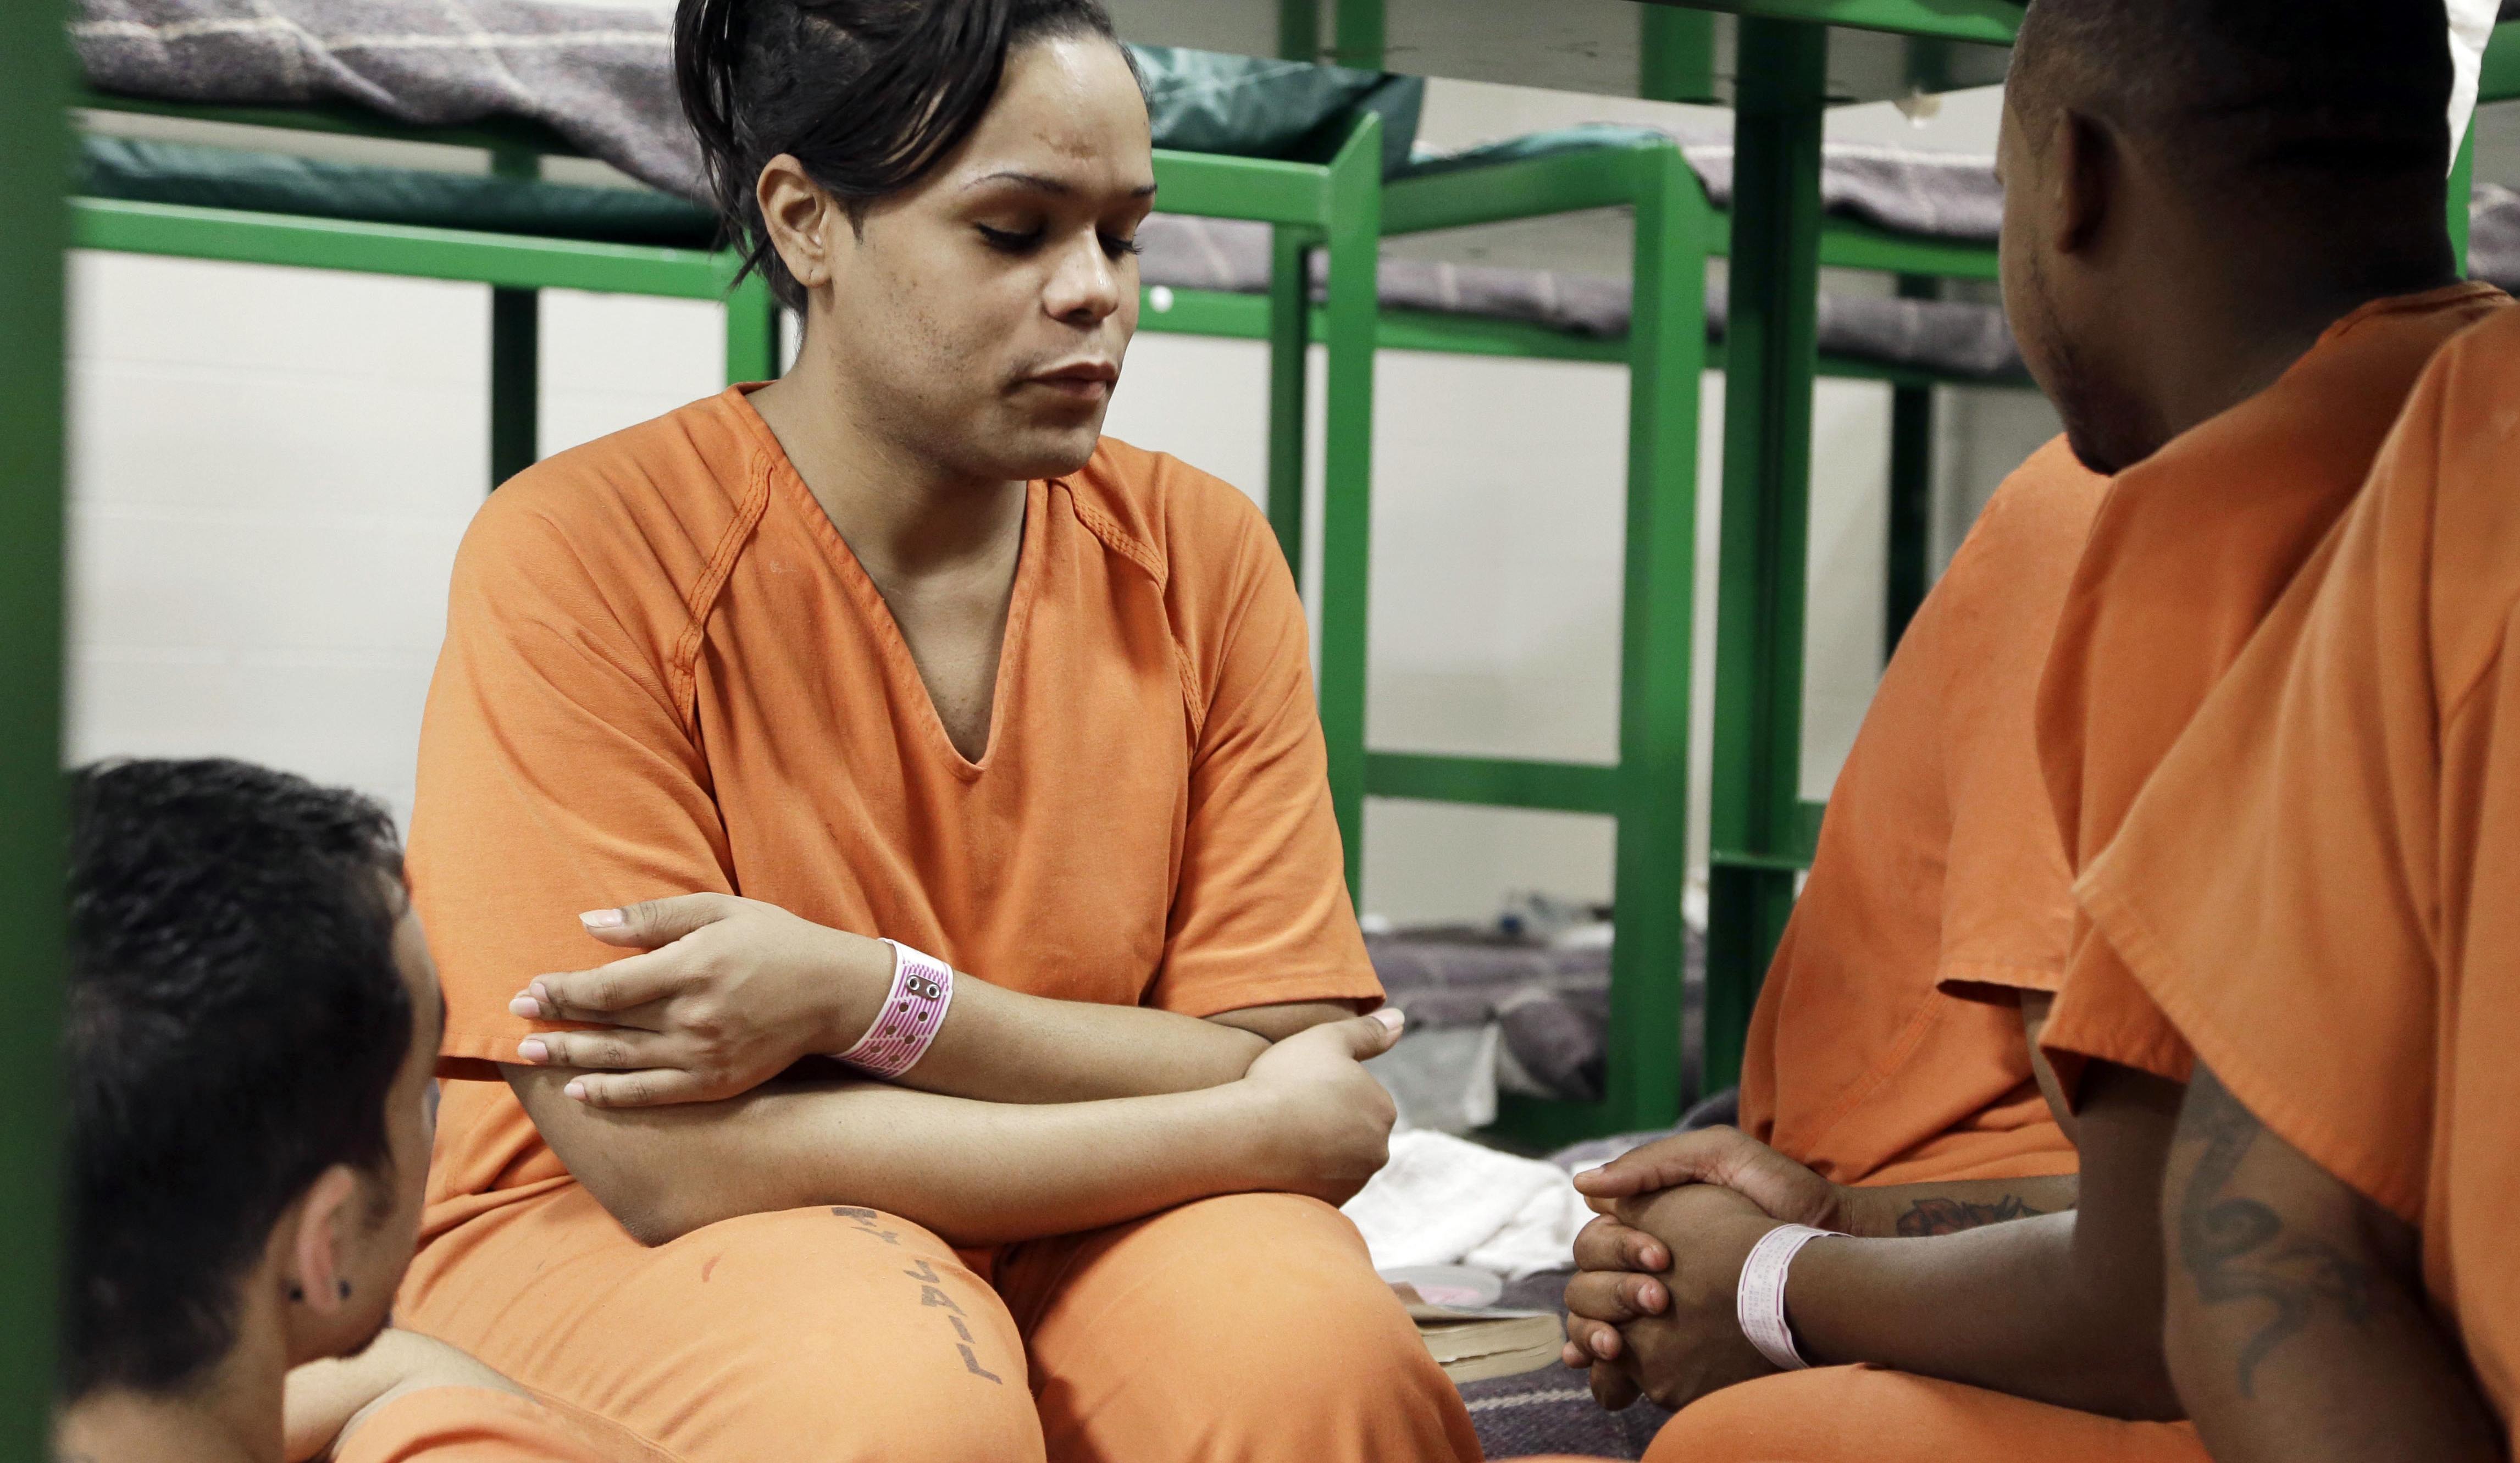 Gangbang mujeres prisioneros desnudos imágenes